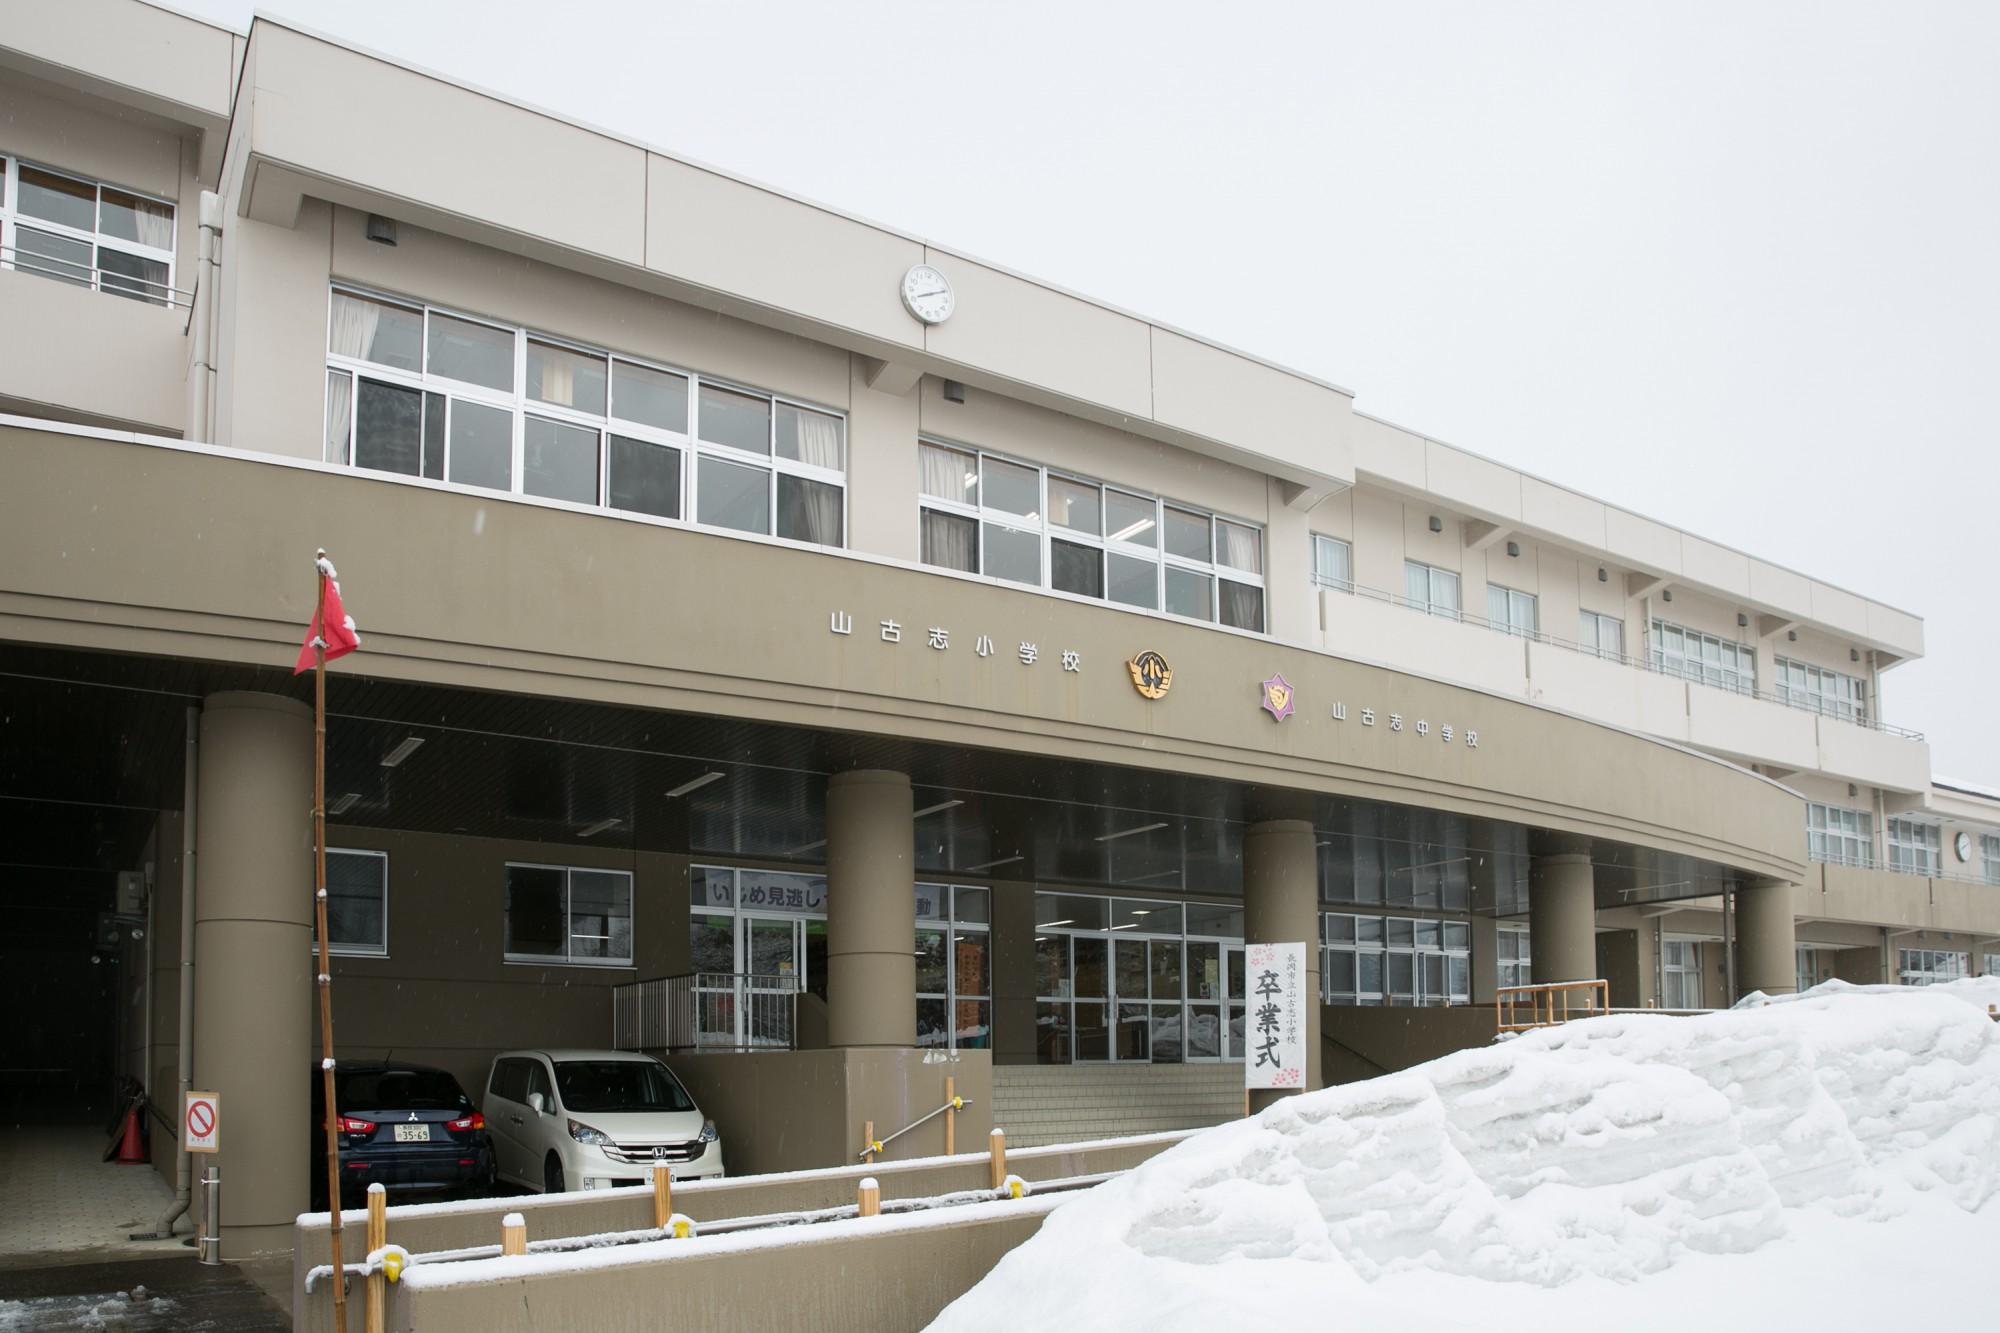 ゆったりと開放的な校舎内に小学校と中学校が仲良く共存し、アットホームな雰囲気。